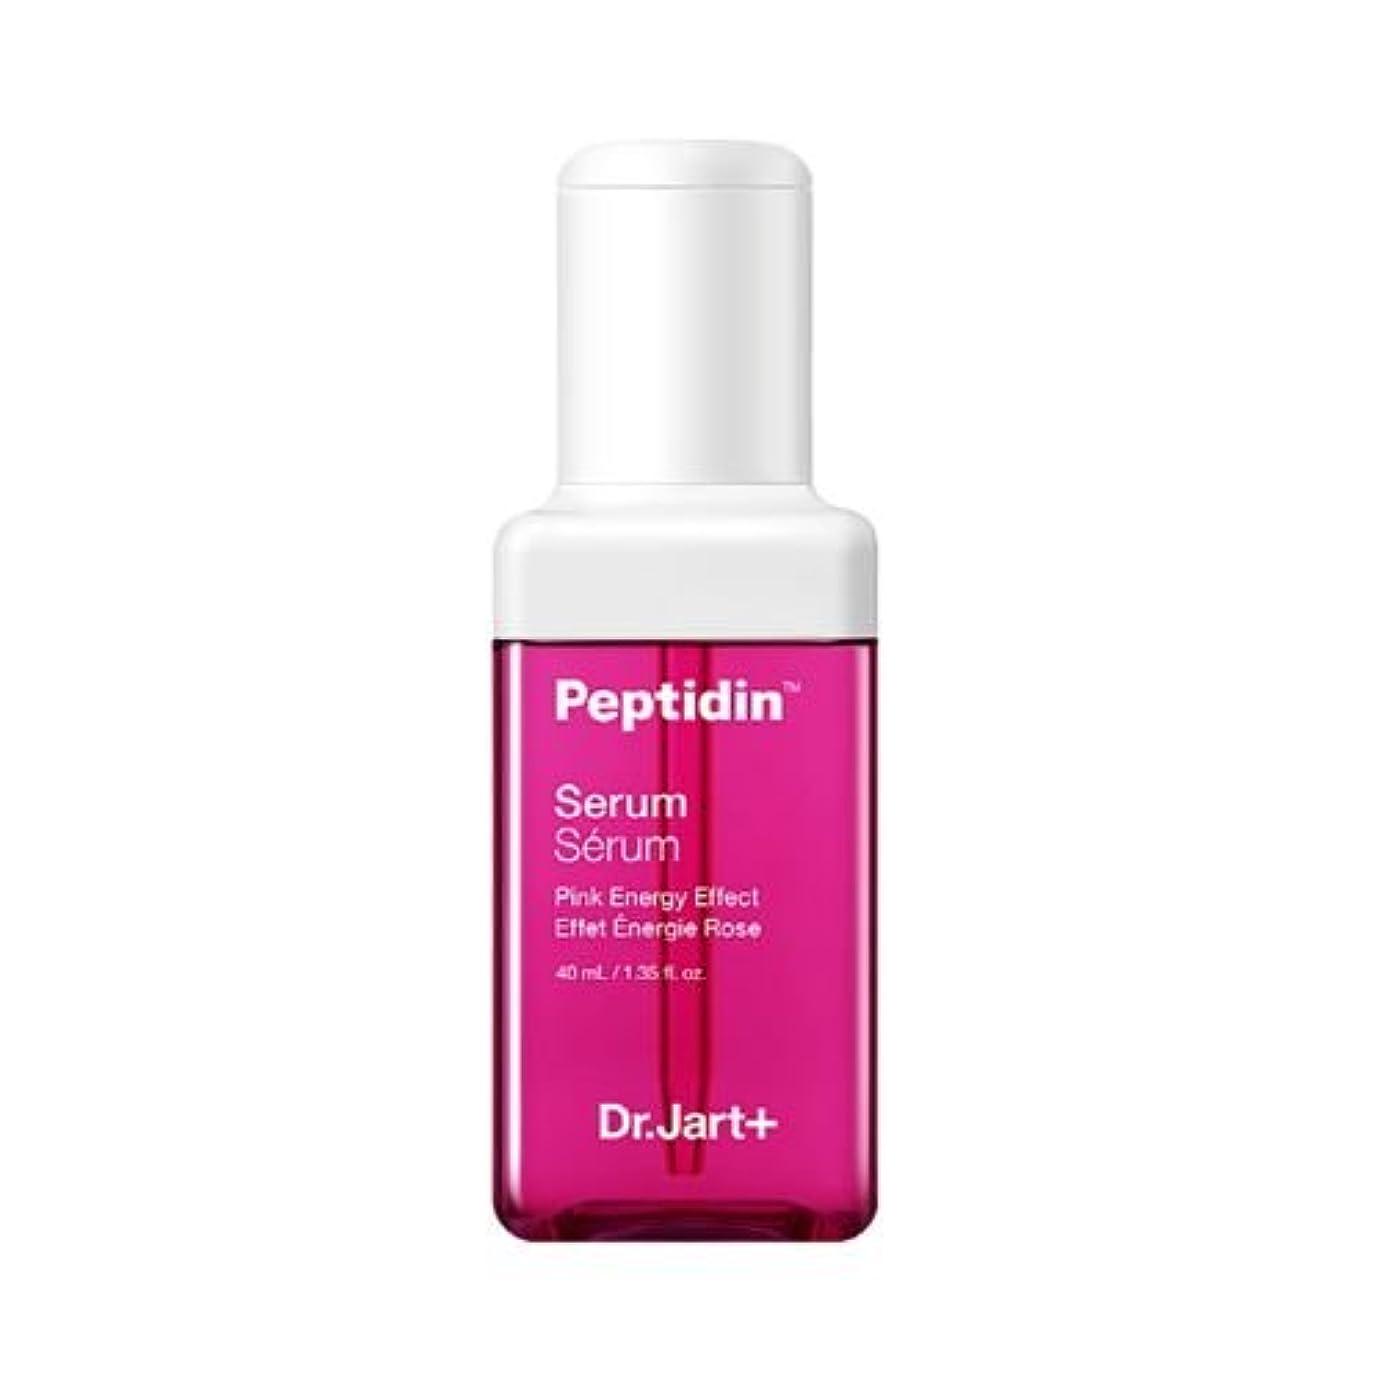 なので鈍いベルベット[DR Jart] Peptidin serum Pink Energy effect ドクタージャルトペプチドディーン セラムピンクエネルギー 40ml[海外直送品] [並行輸入品]